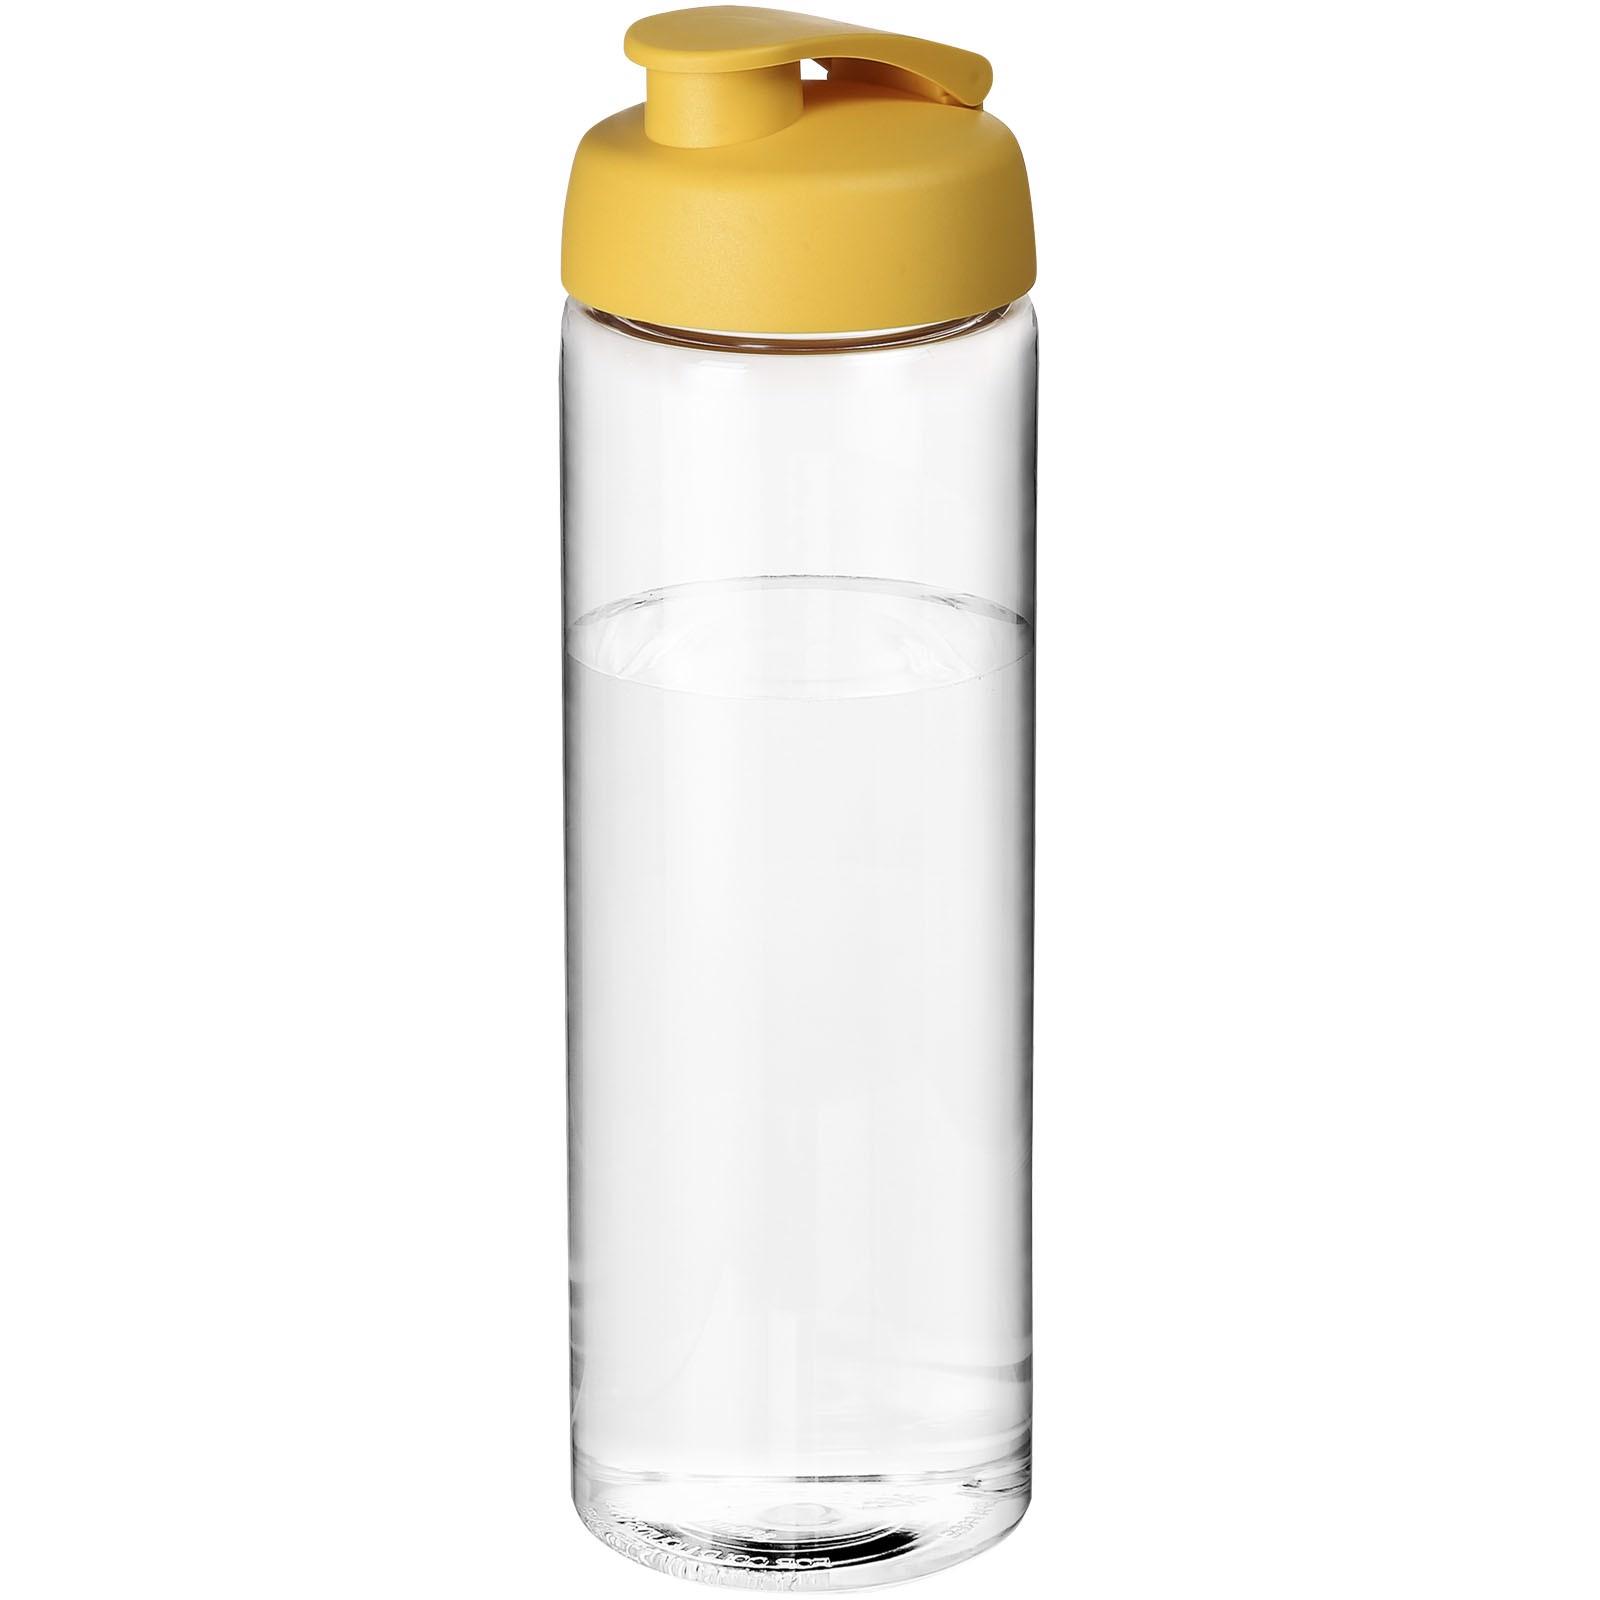 H2O Vibe 850 ml sportovní lahev s vyklápěcím víčkem - Průhledná / Žlutá